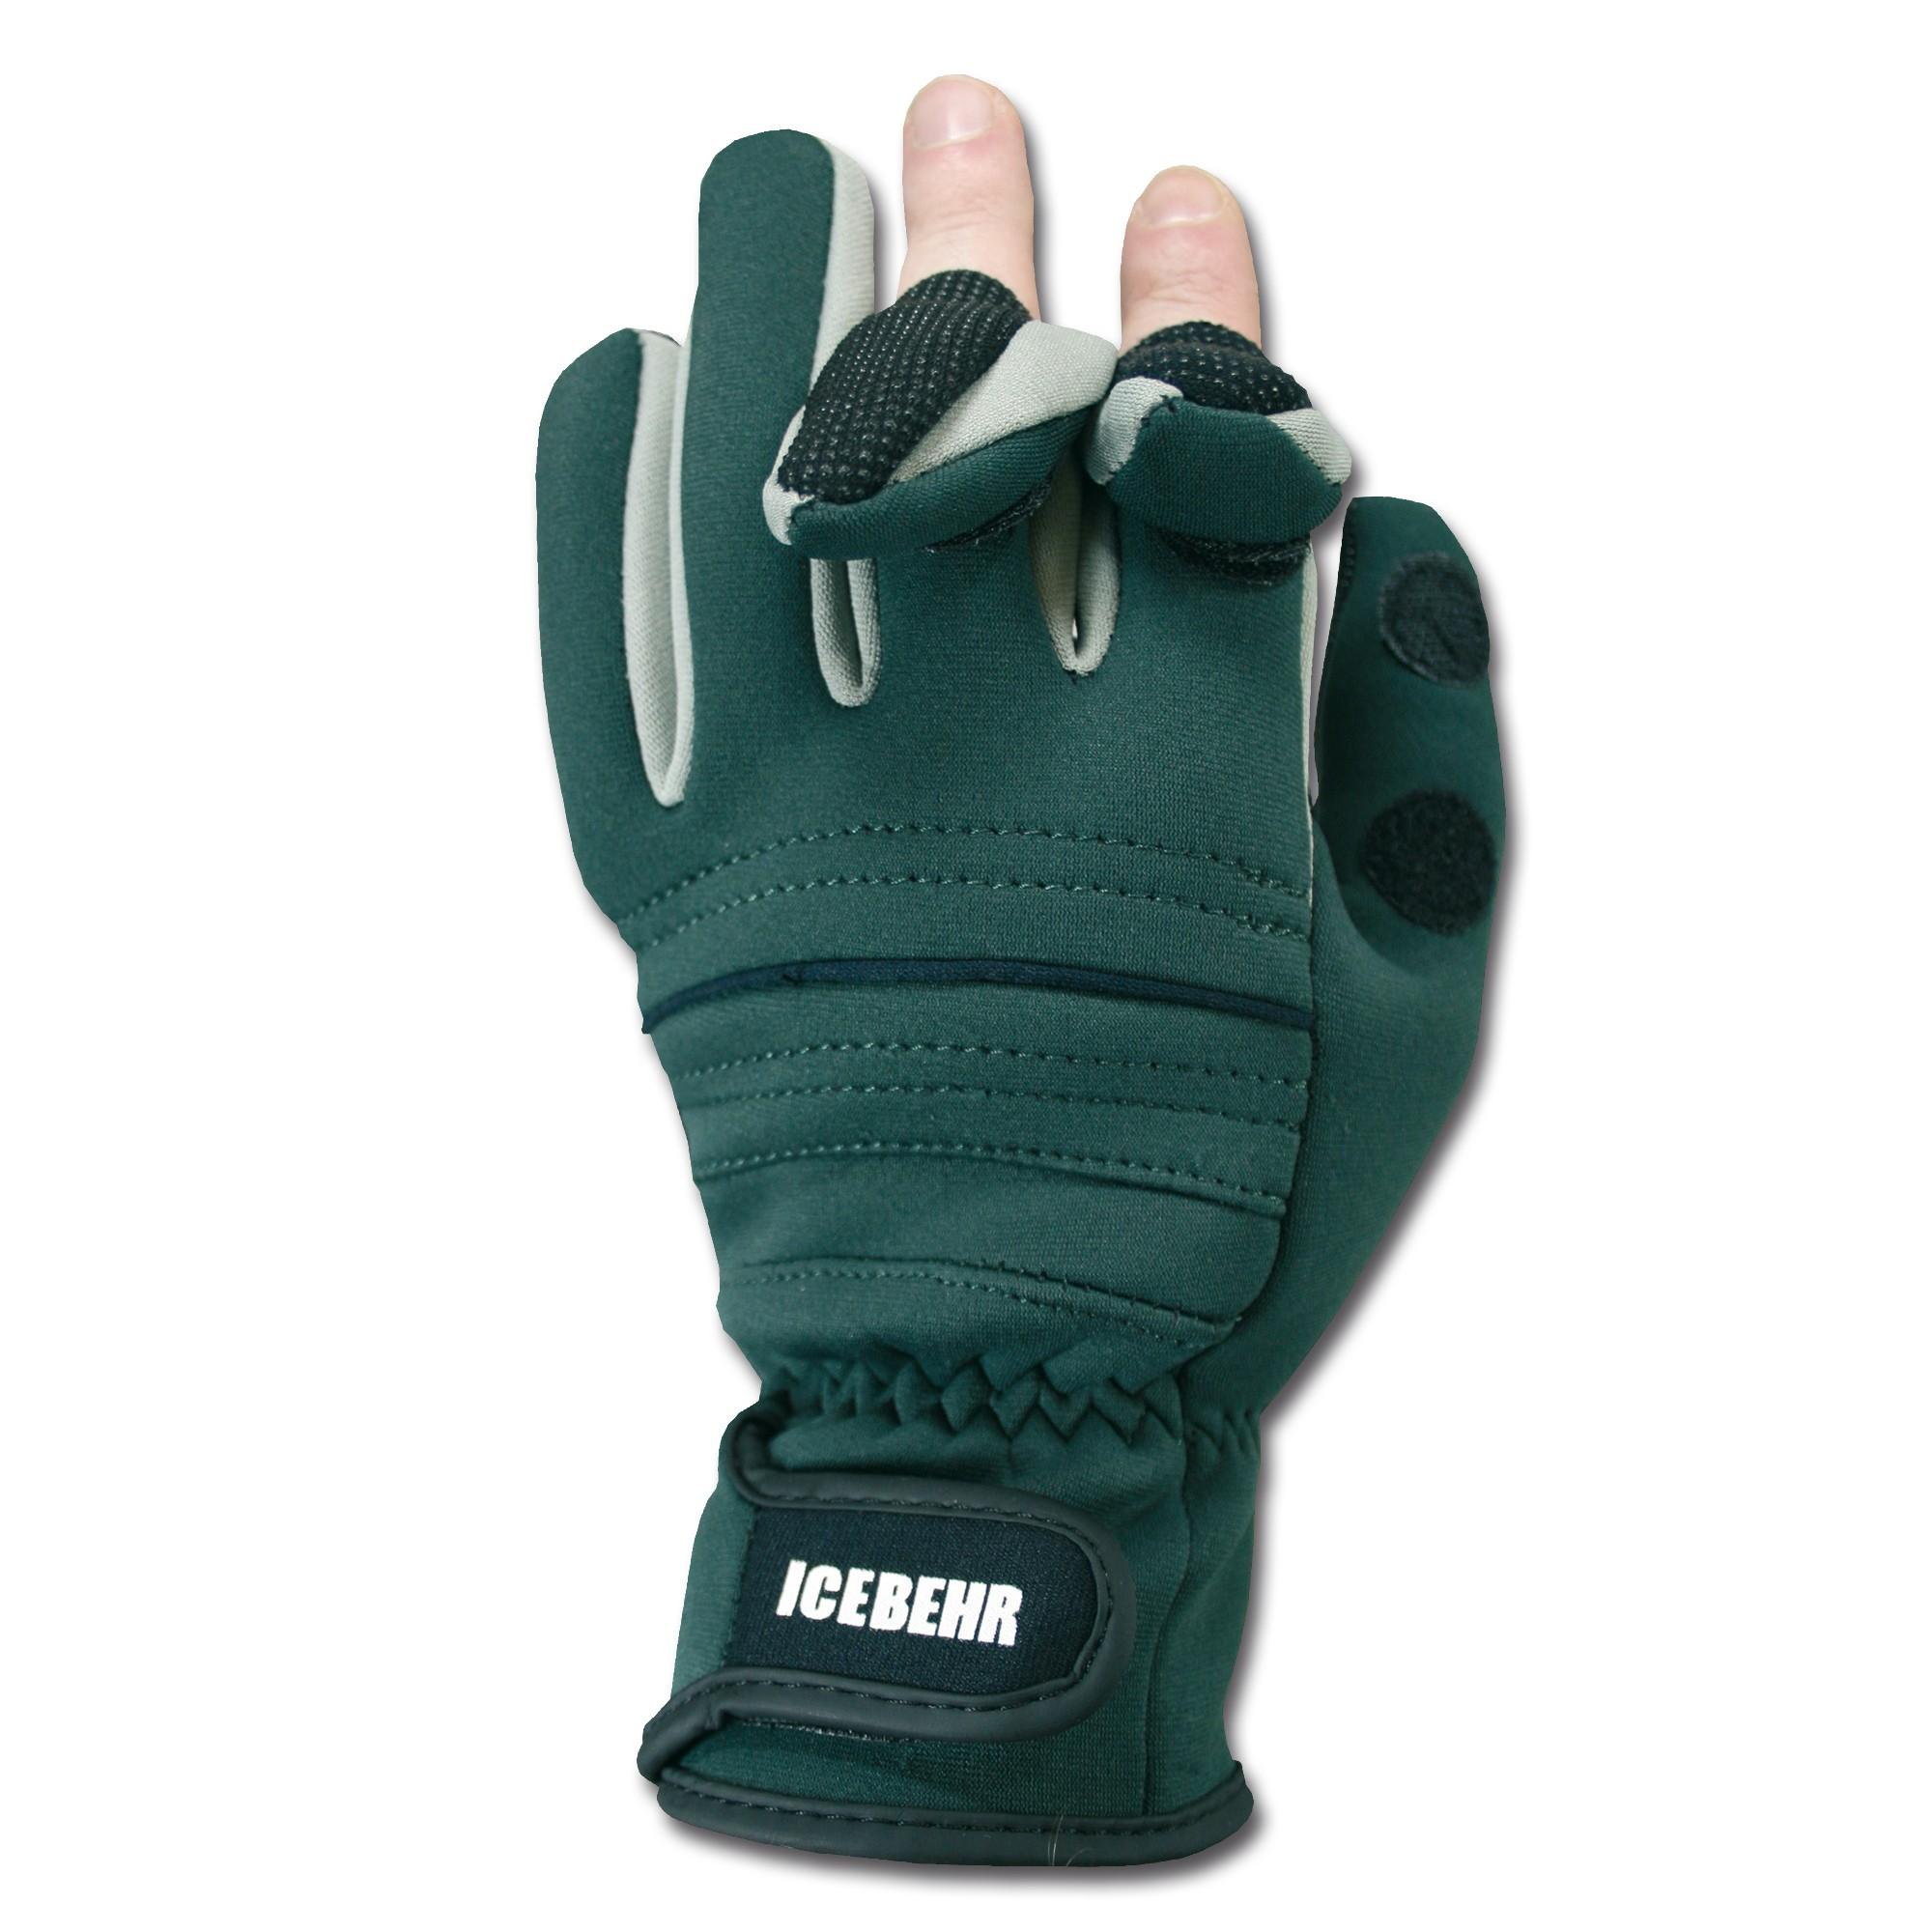 Neoprene Shooting Gloves Power Grip olive green